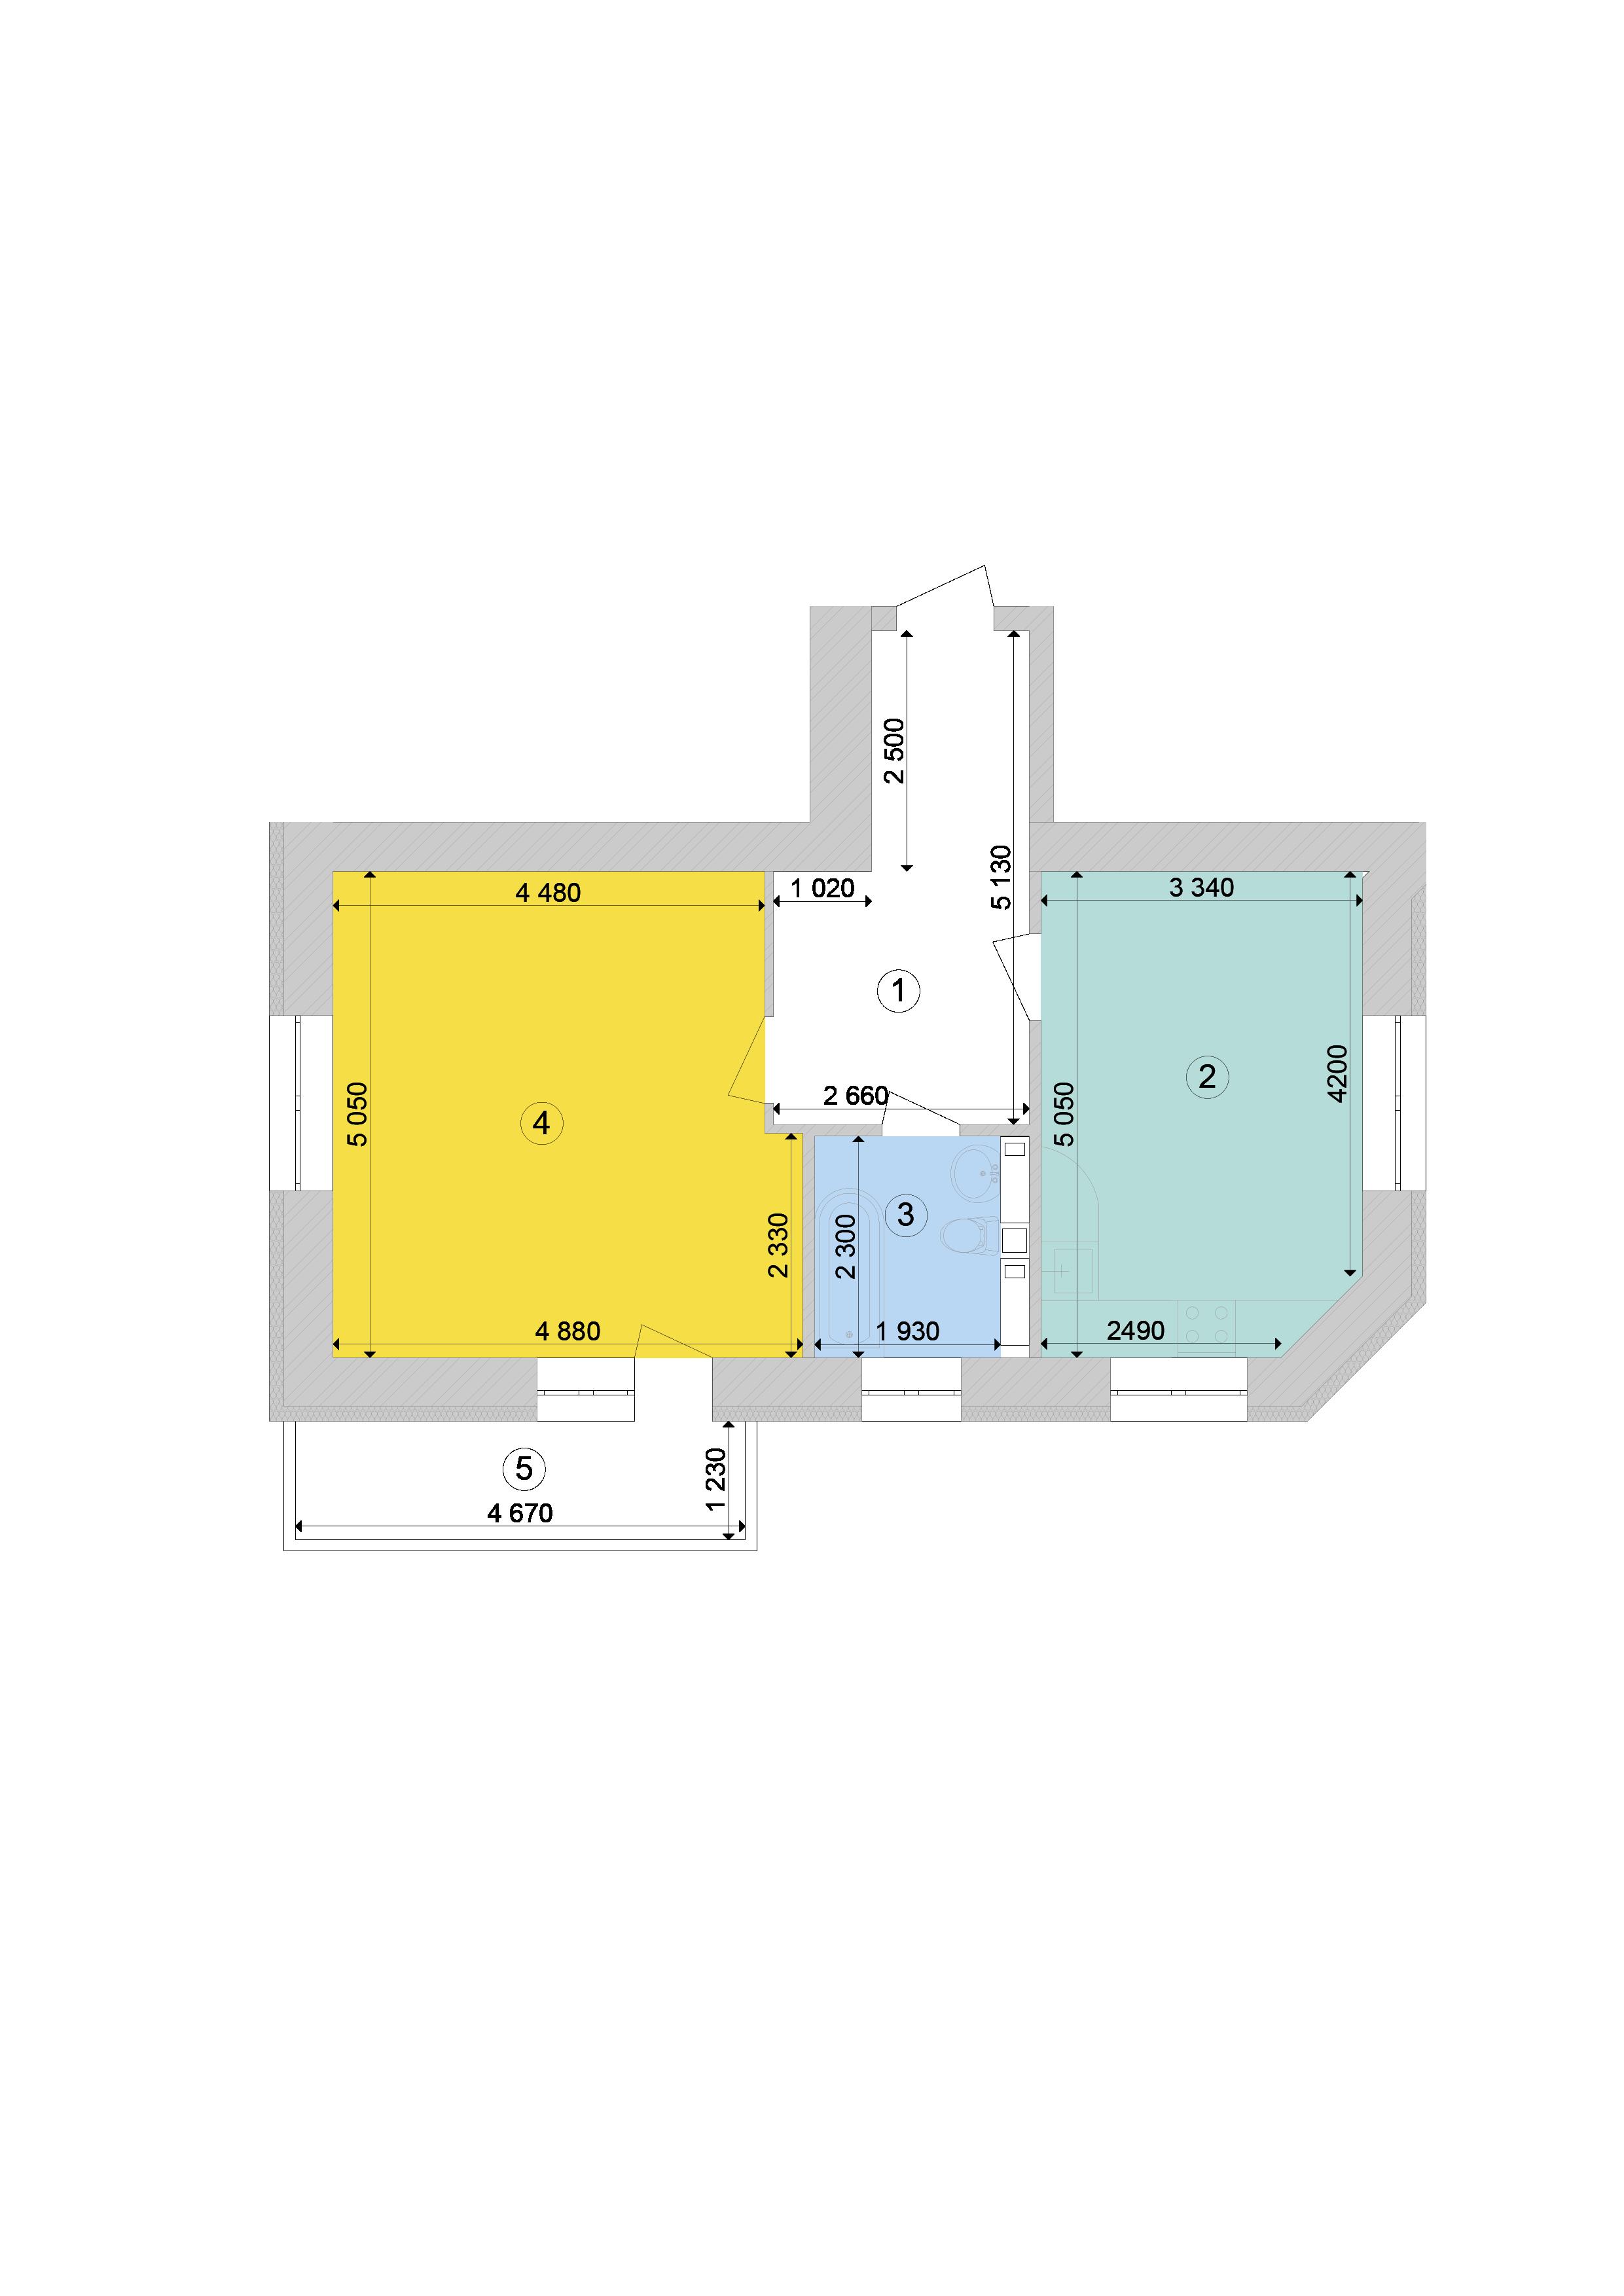 Купити Однокімнатна квартира 56,19 кв.м., тип 1.2, будинок 1, секція 7 в Києві Голосіївський район